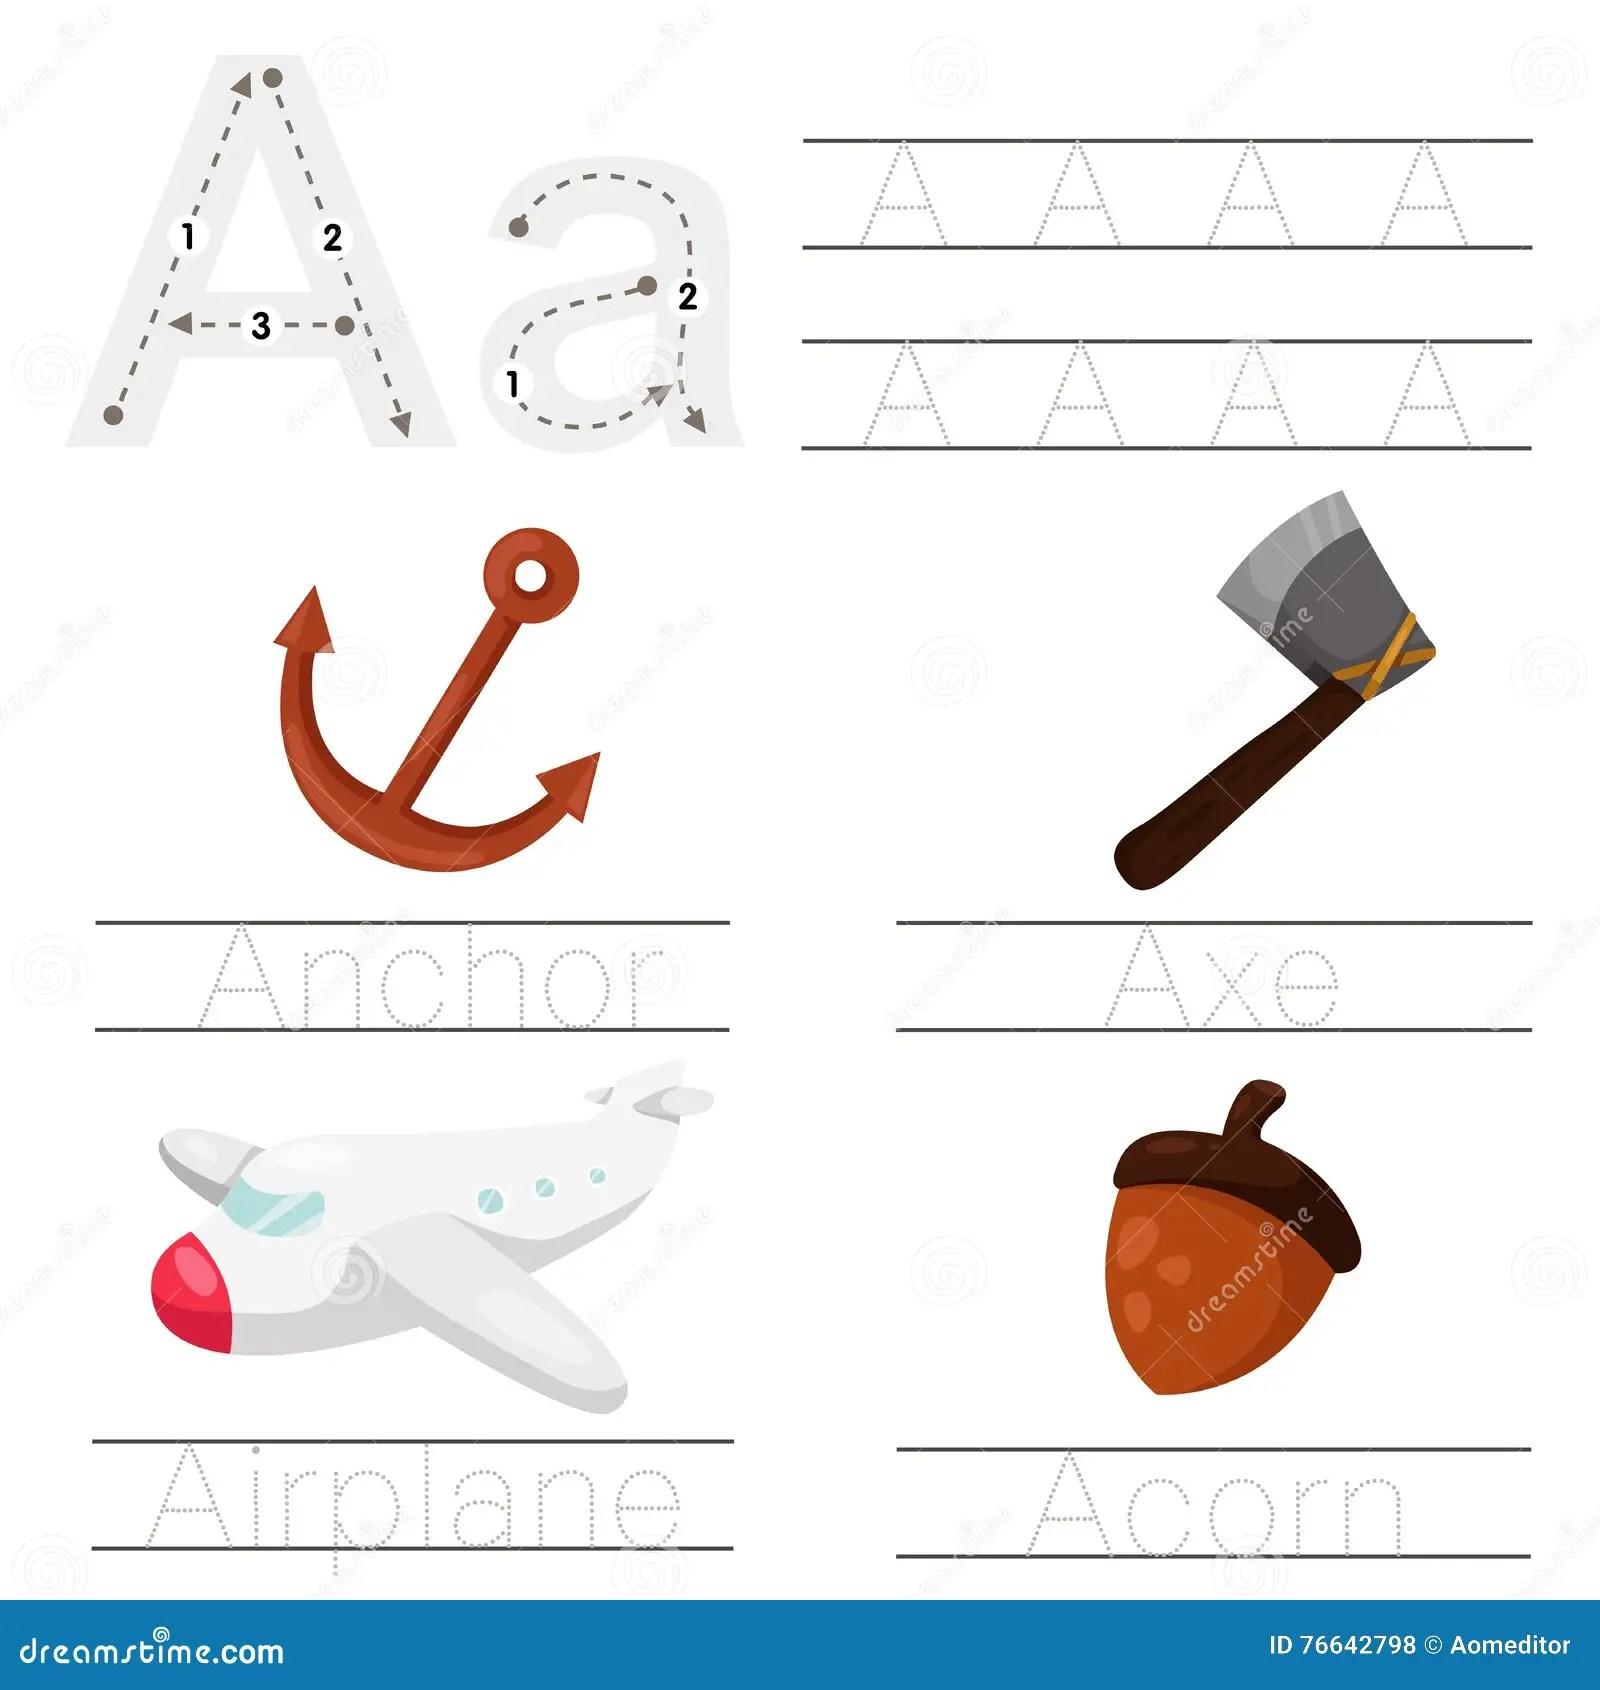 Illustrator Of Worksheet For Children A Font Stock Vector